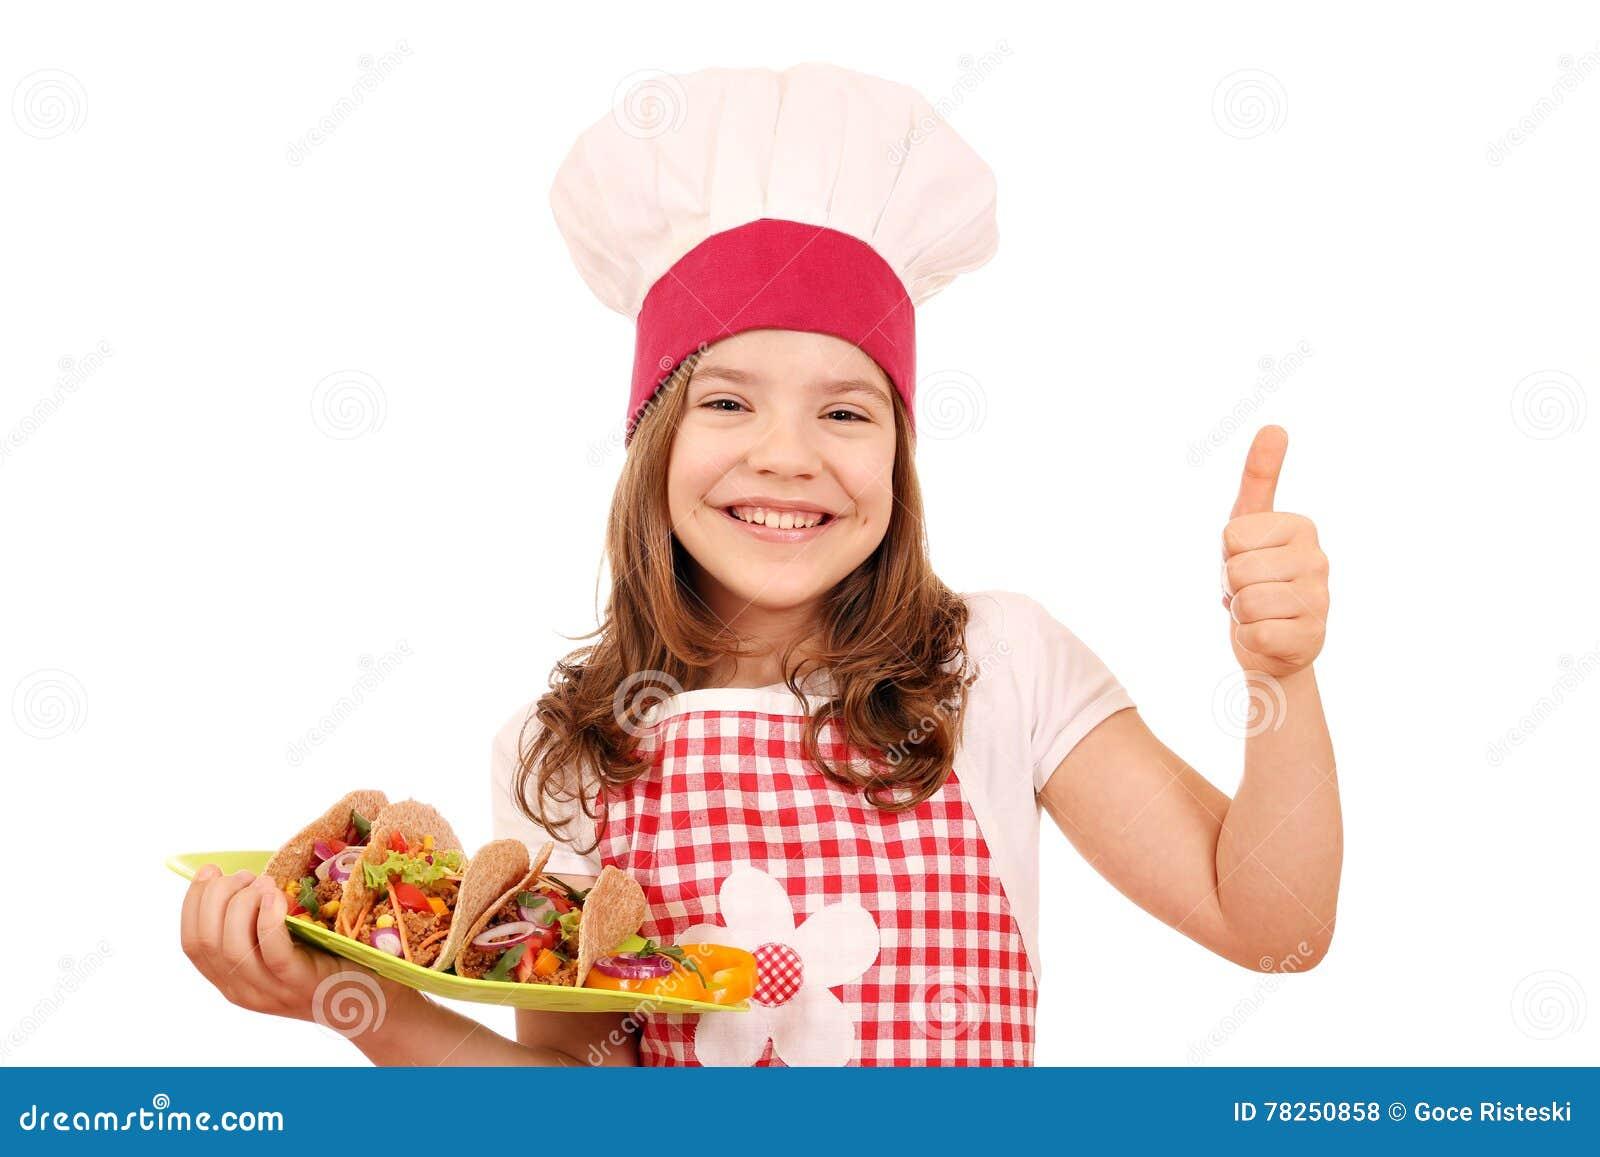 Μάγειρας μικρών κοριτσιών με τα tacos και τον αντίχειρα επάνω